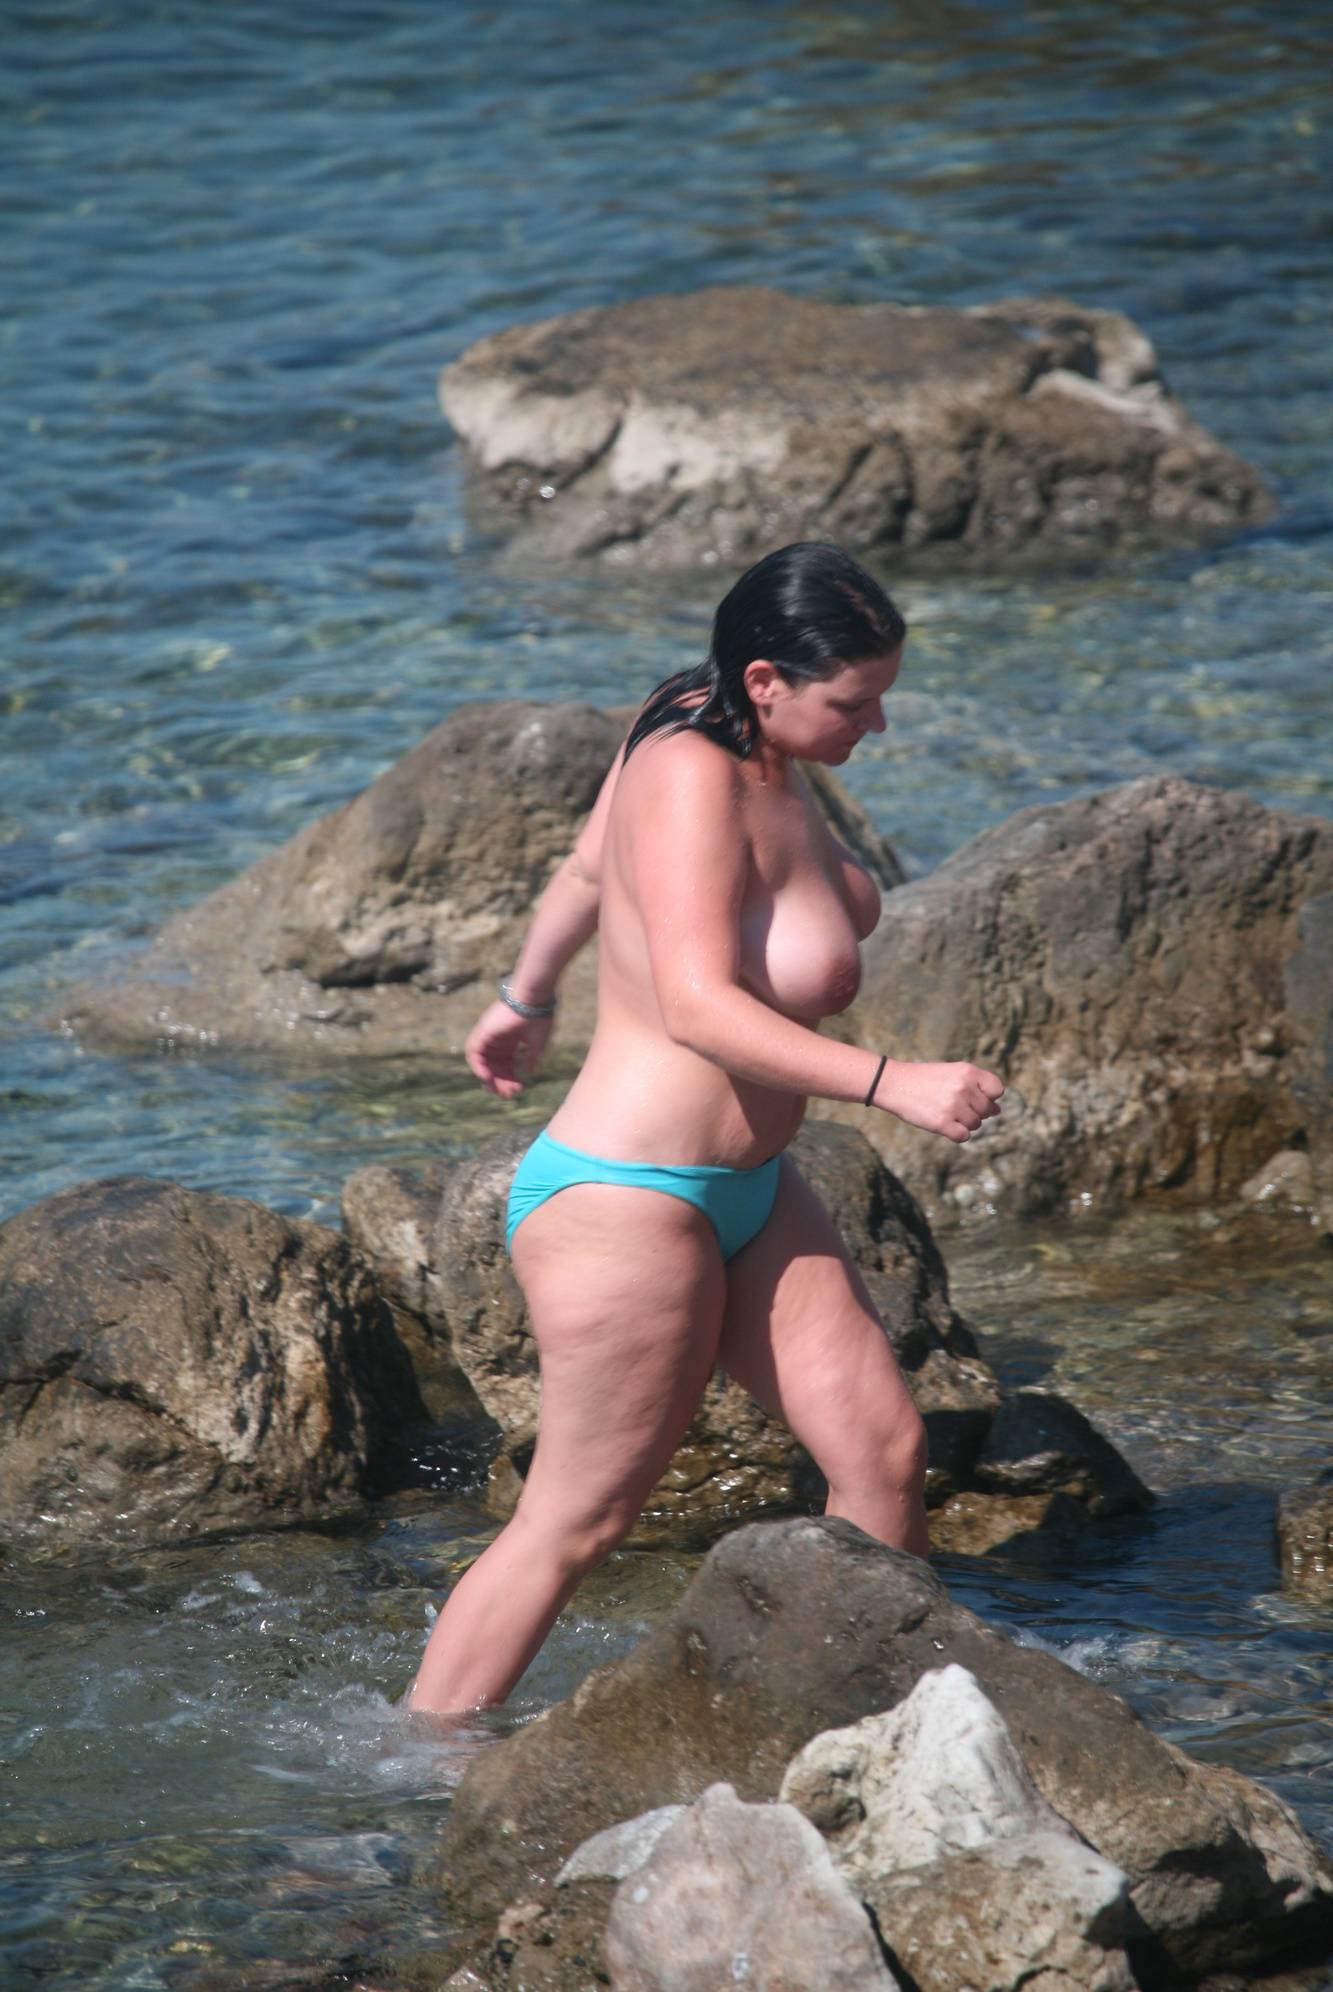 Purenudism Pics-Crete Parenting Couple - 2